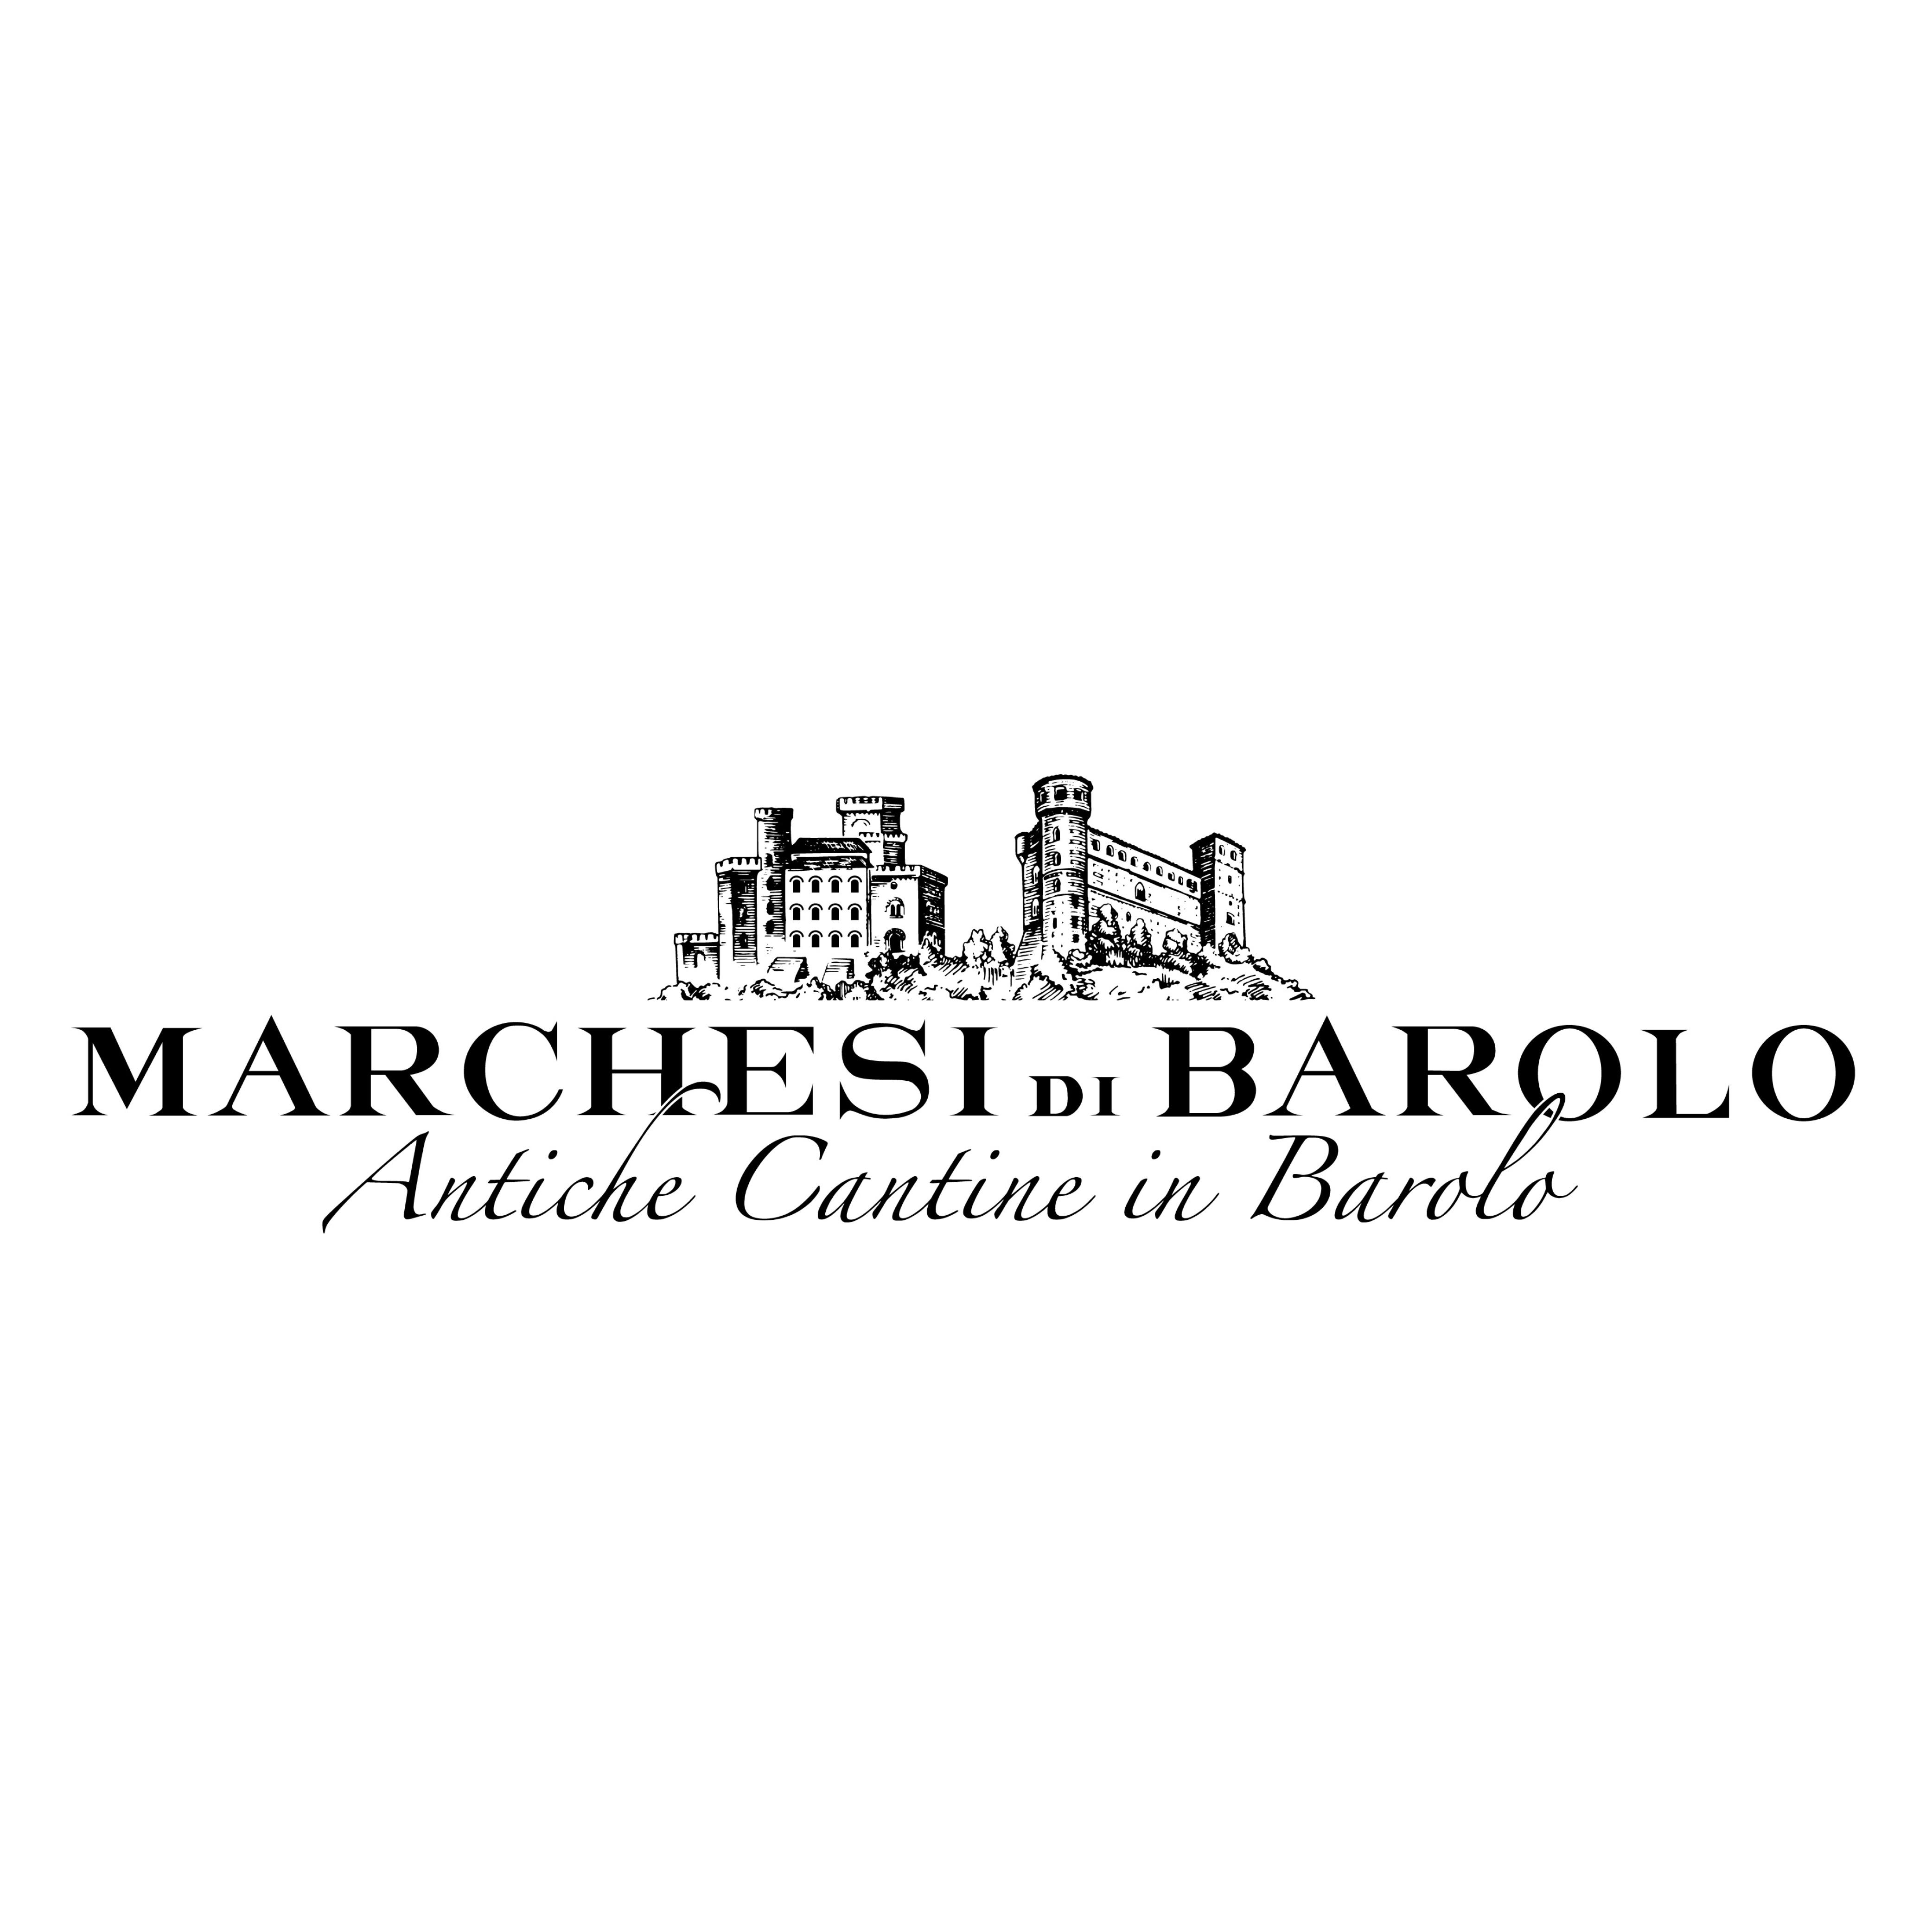 Marchesi di Barolo Vinòforum Class